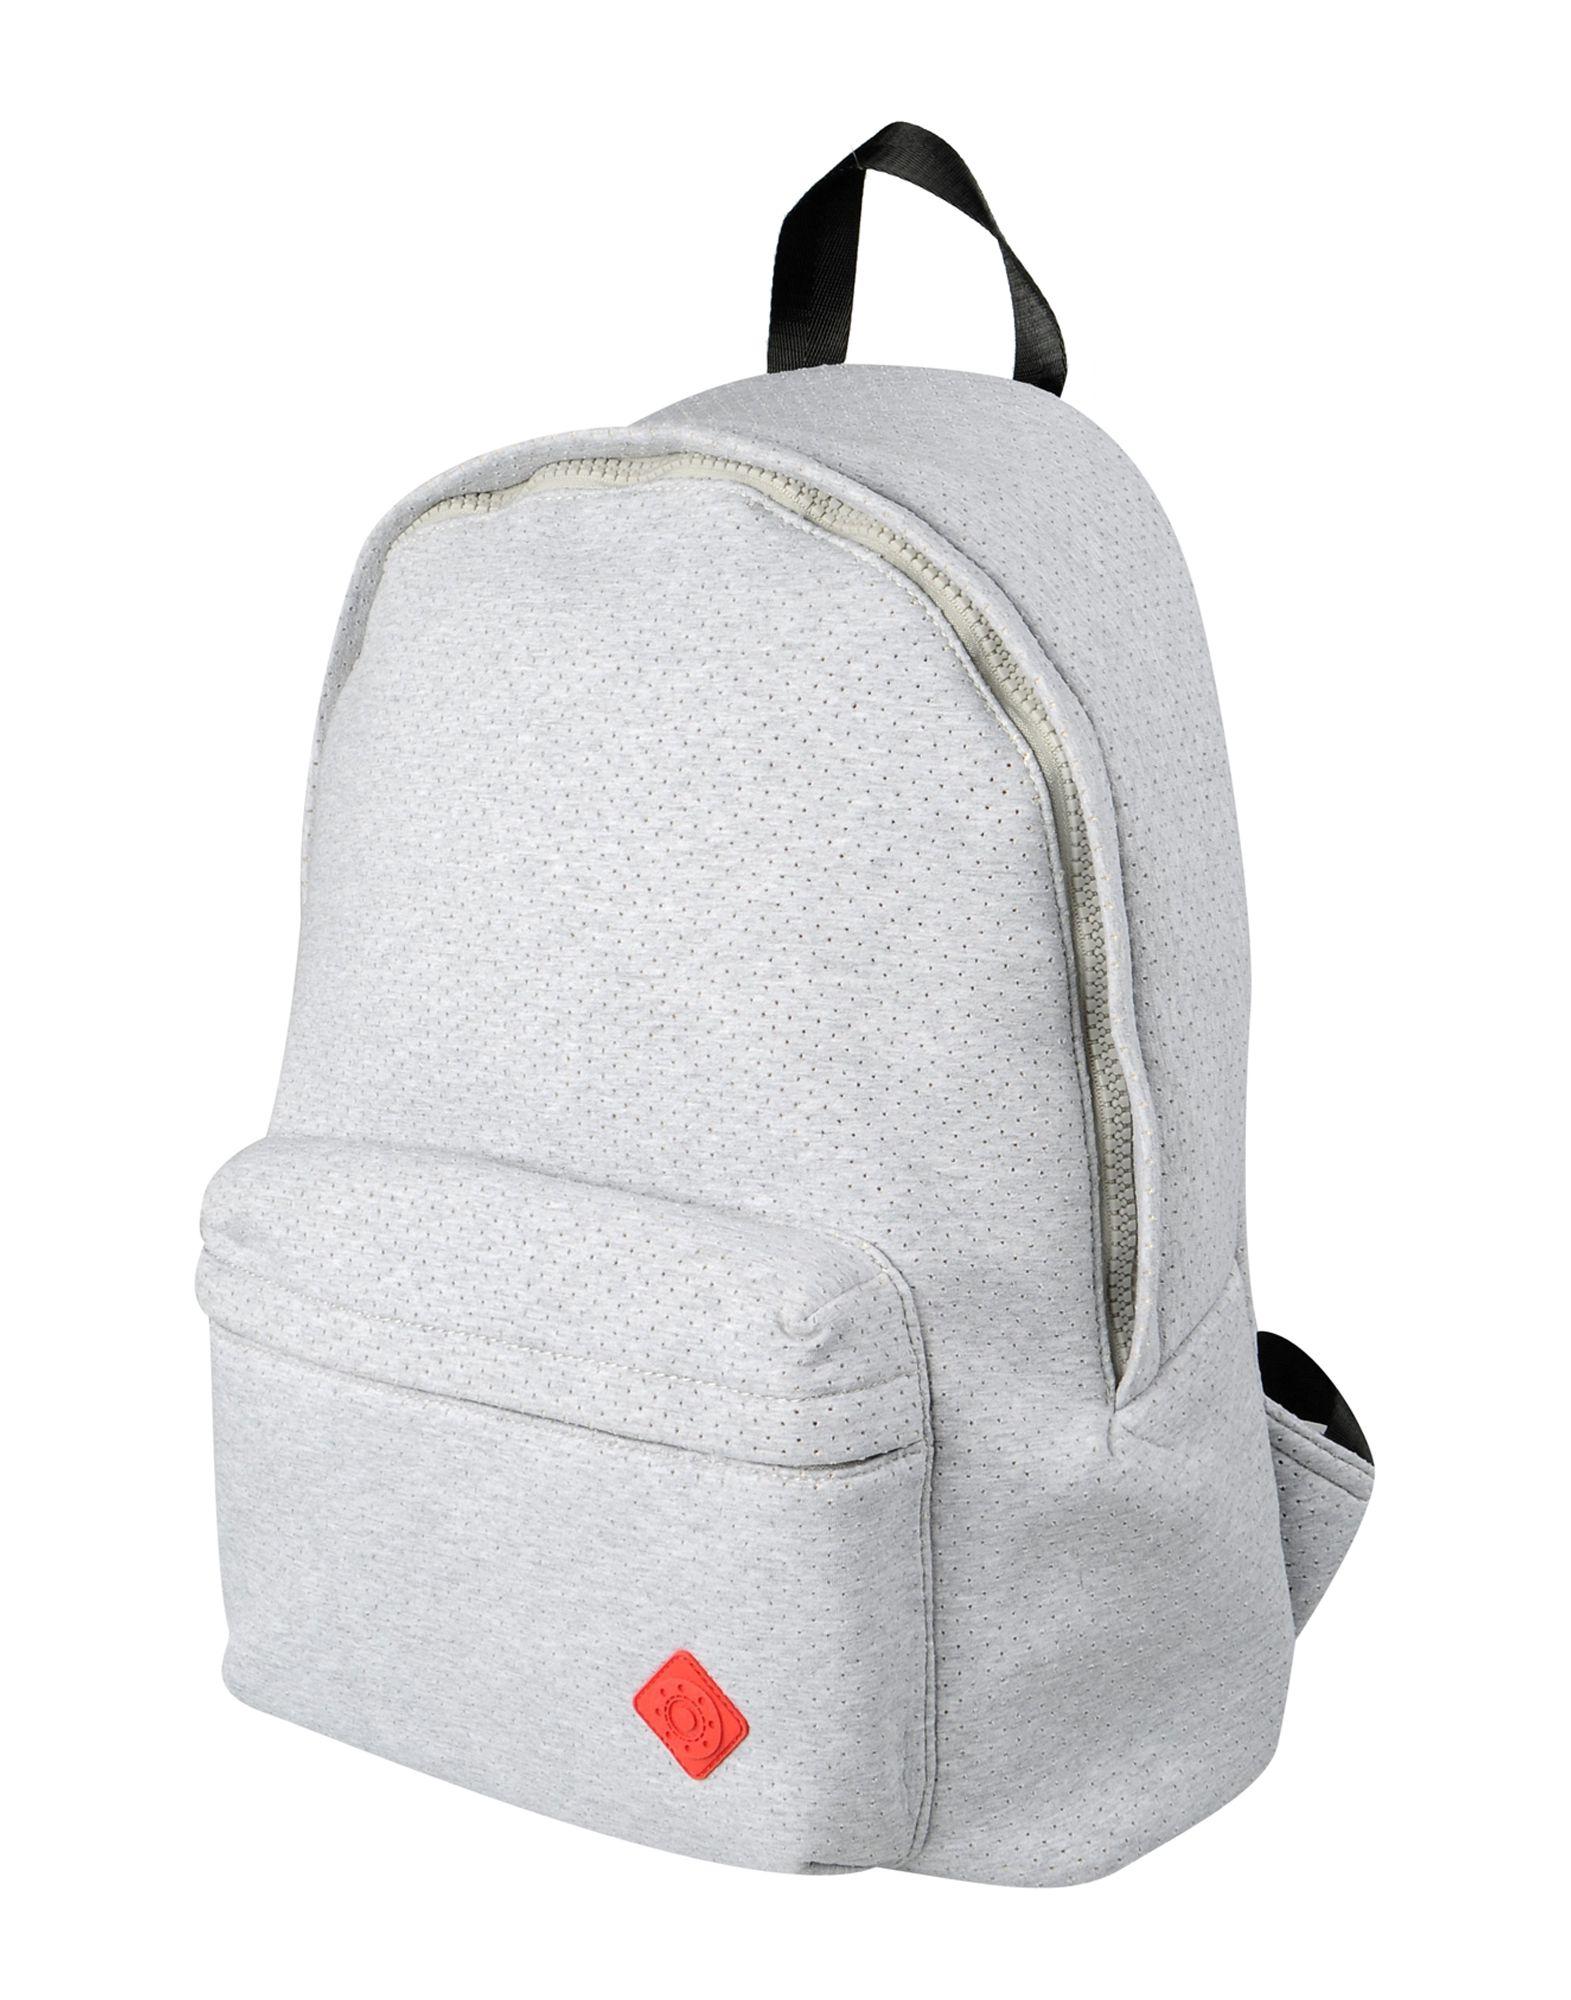 8 Рюкзаки и сумки на пояс moleskine рюкзаки и сумки на пояс